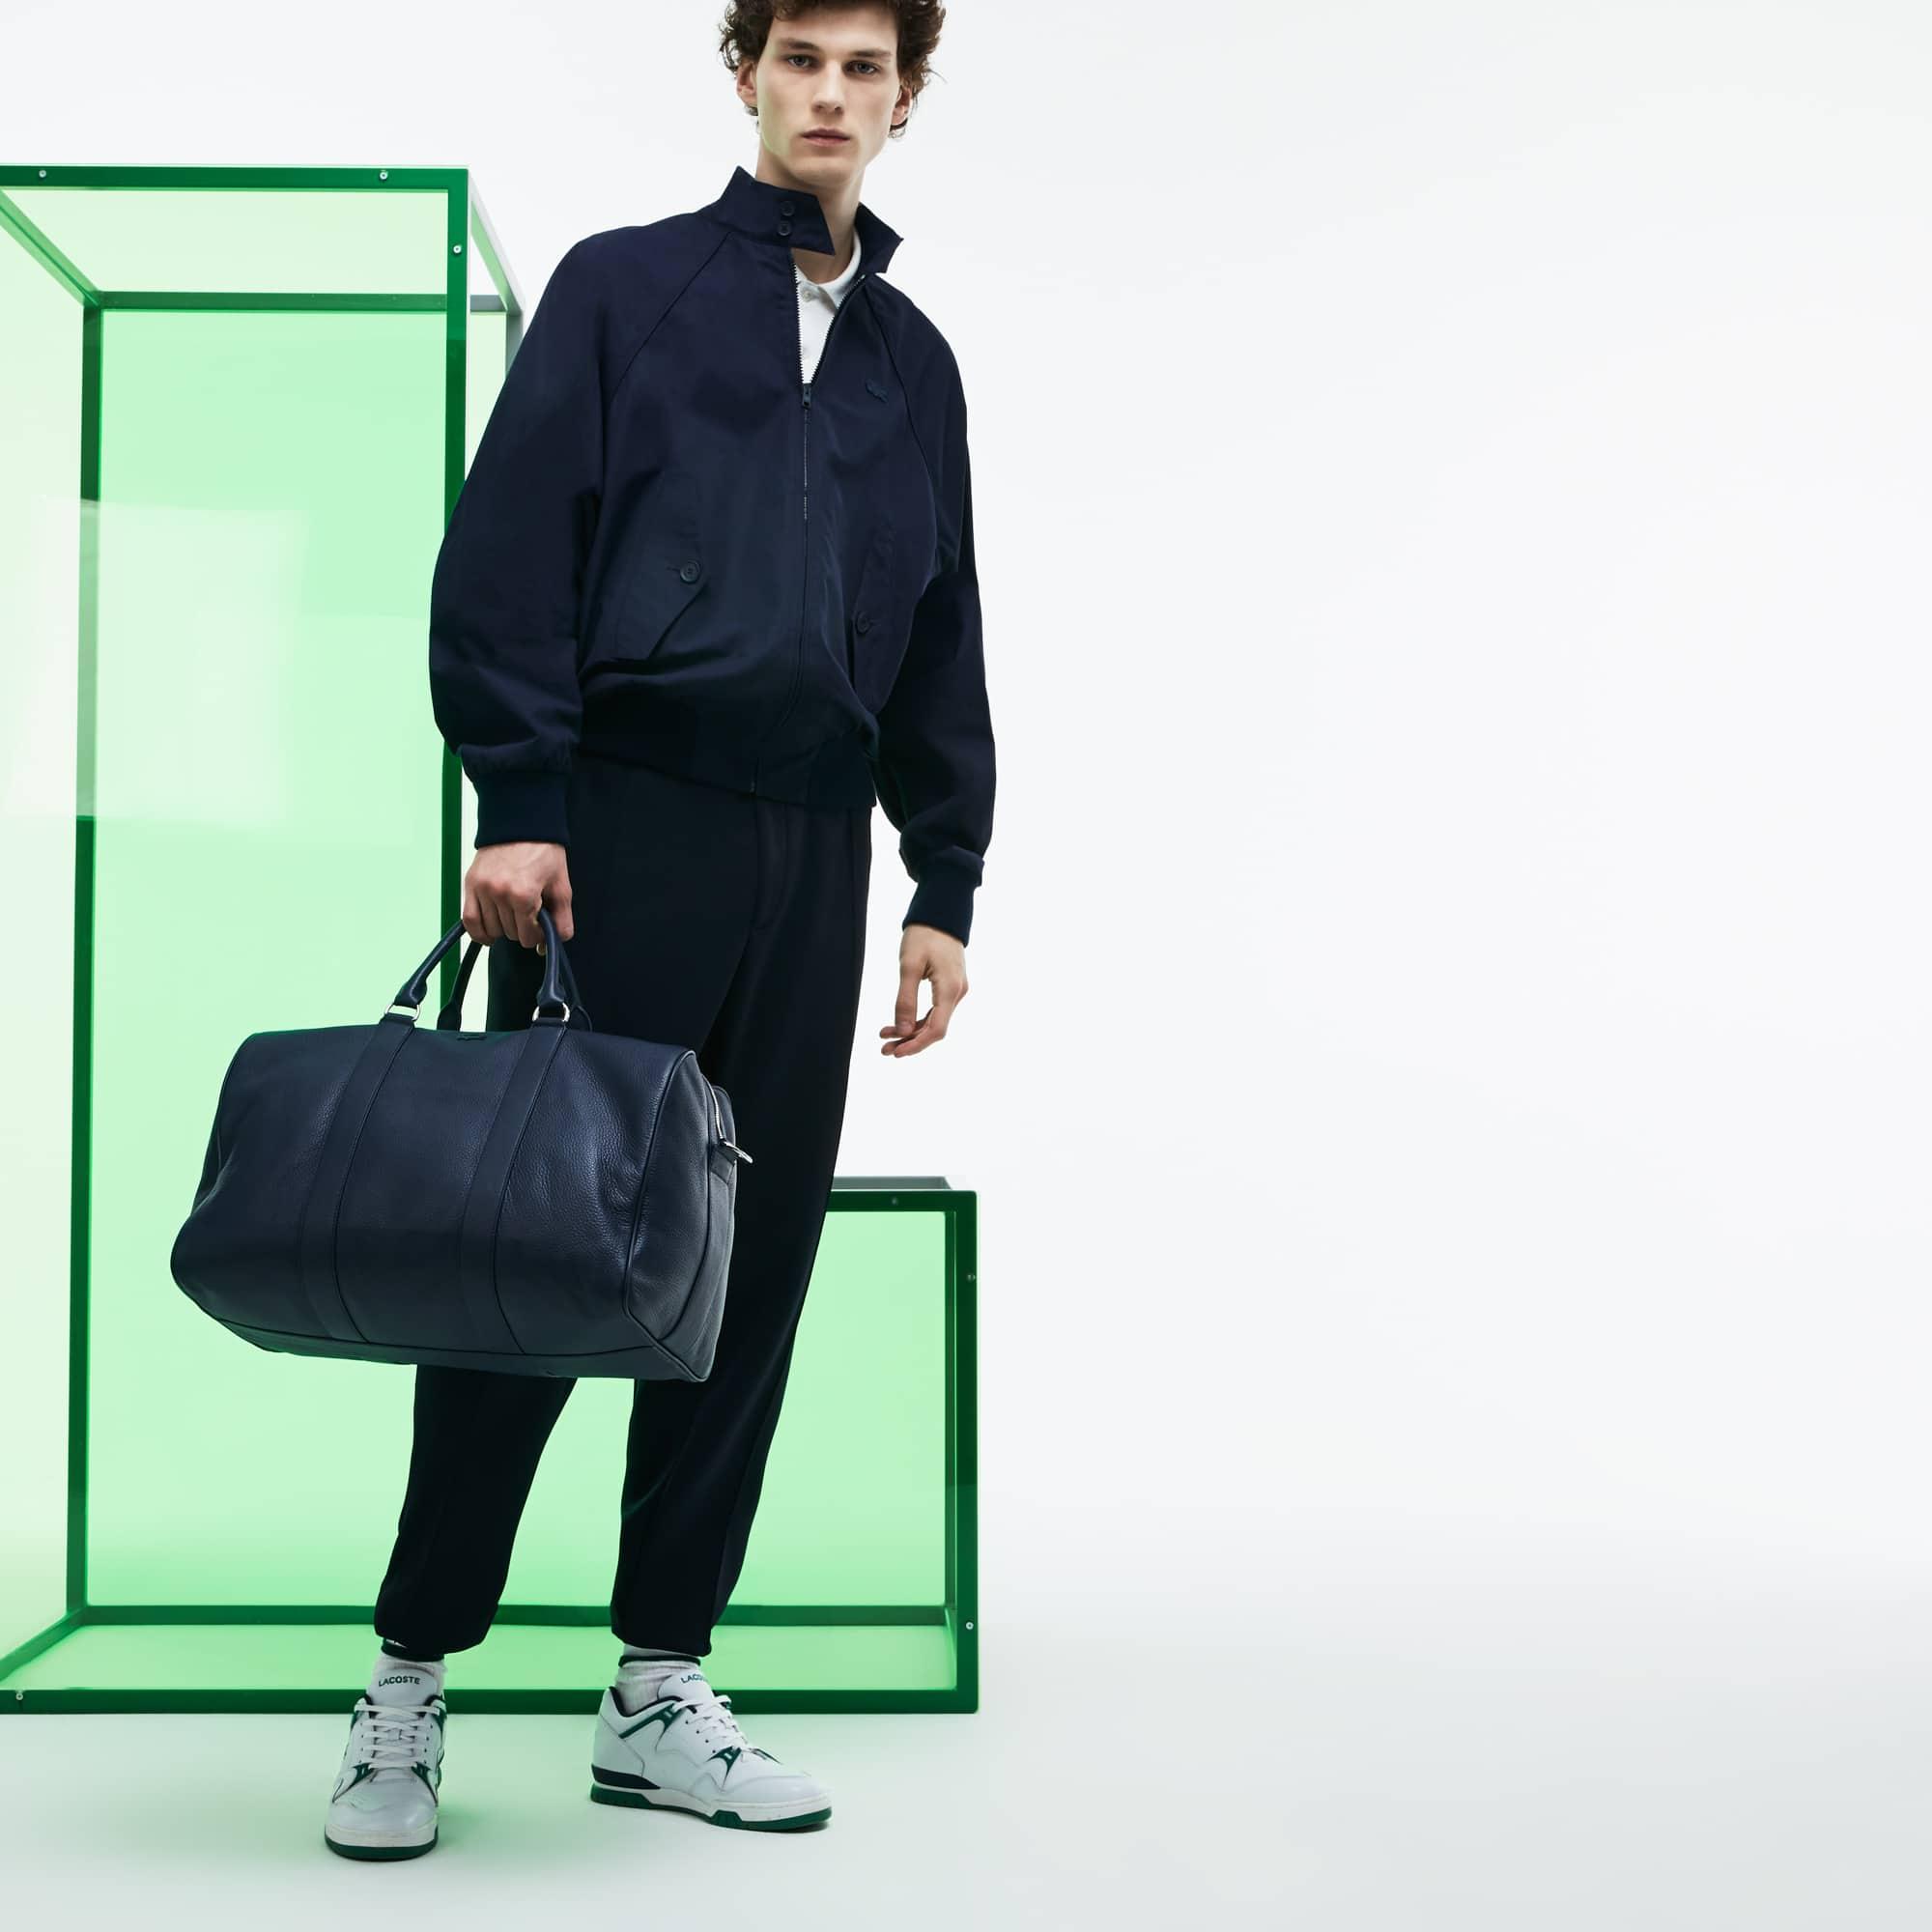 Herren Boston Bag aus Leder aus der Fashion Show Kollektion